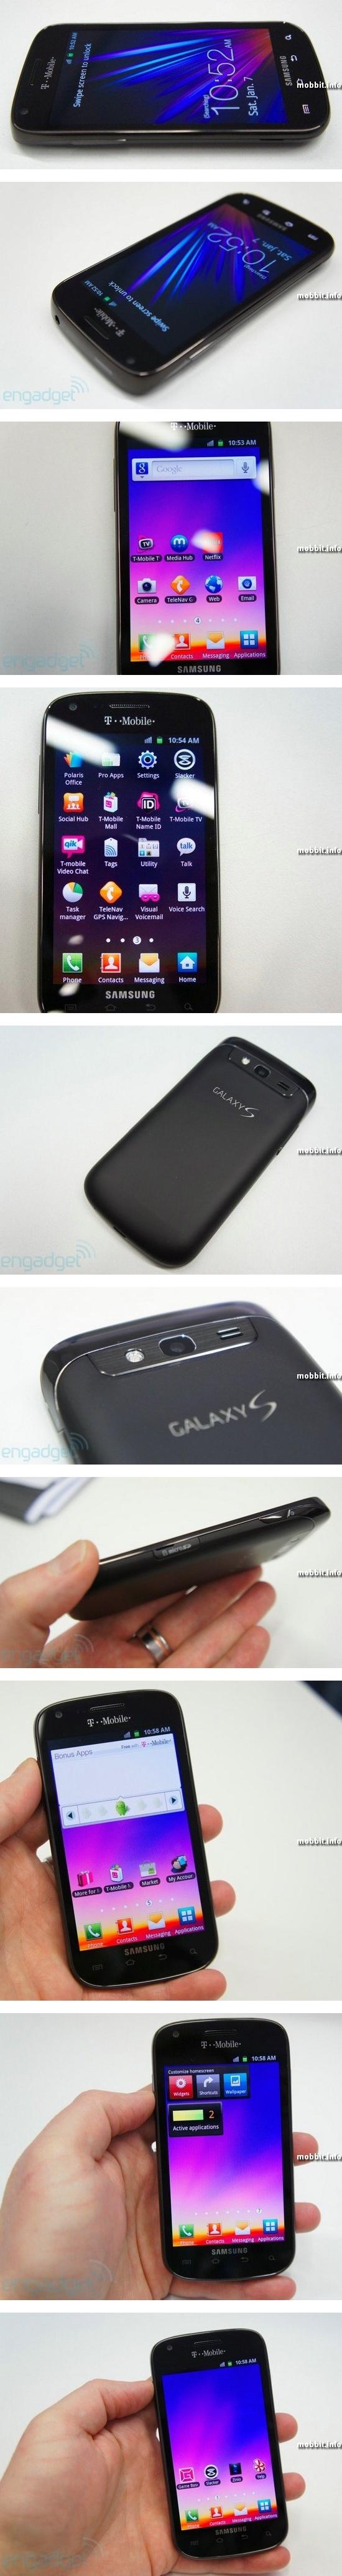 Samsung Galaxy Blaze S 4G